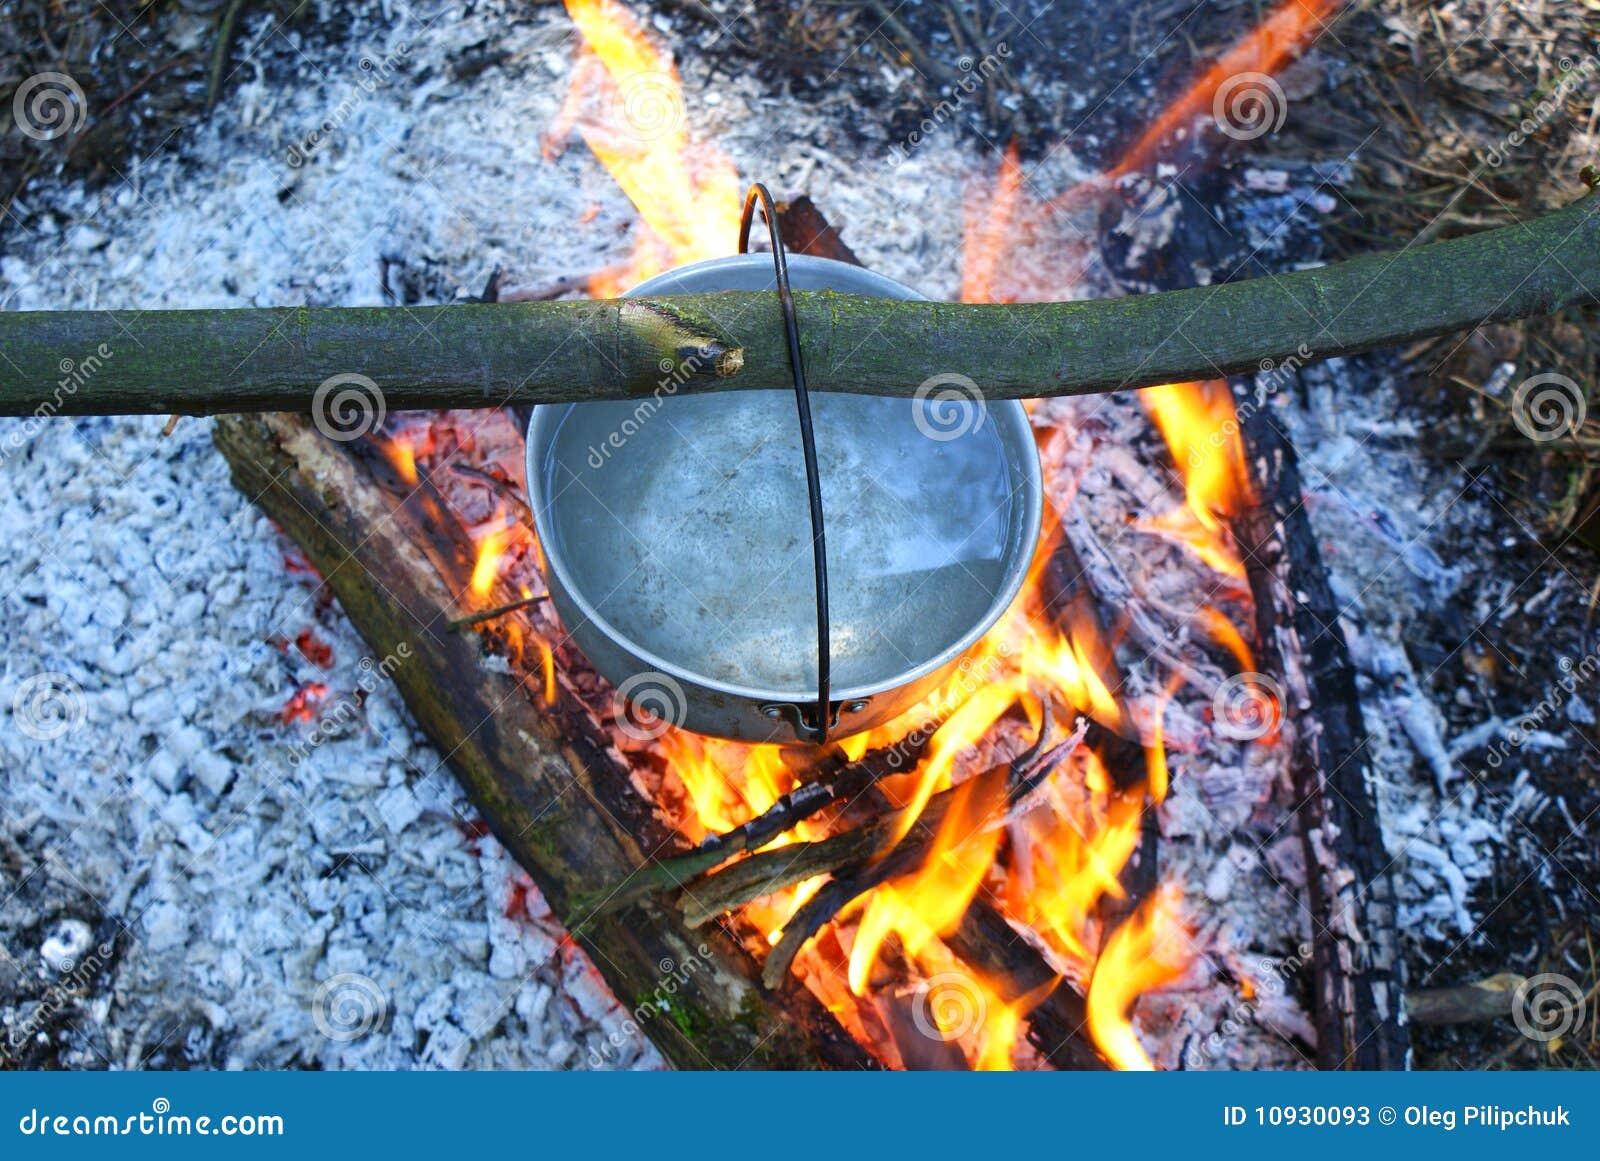 древесина лагерного костера